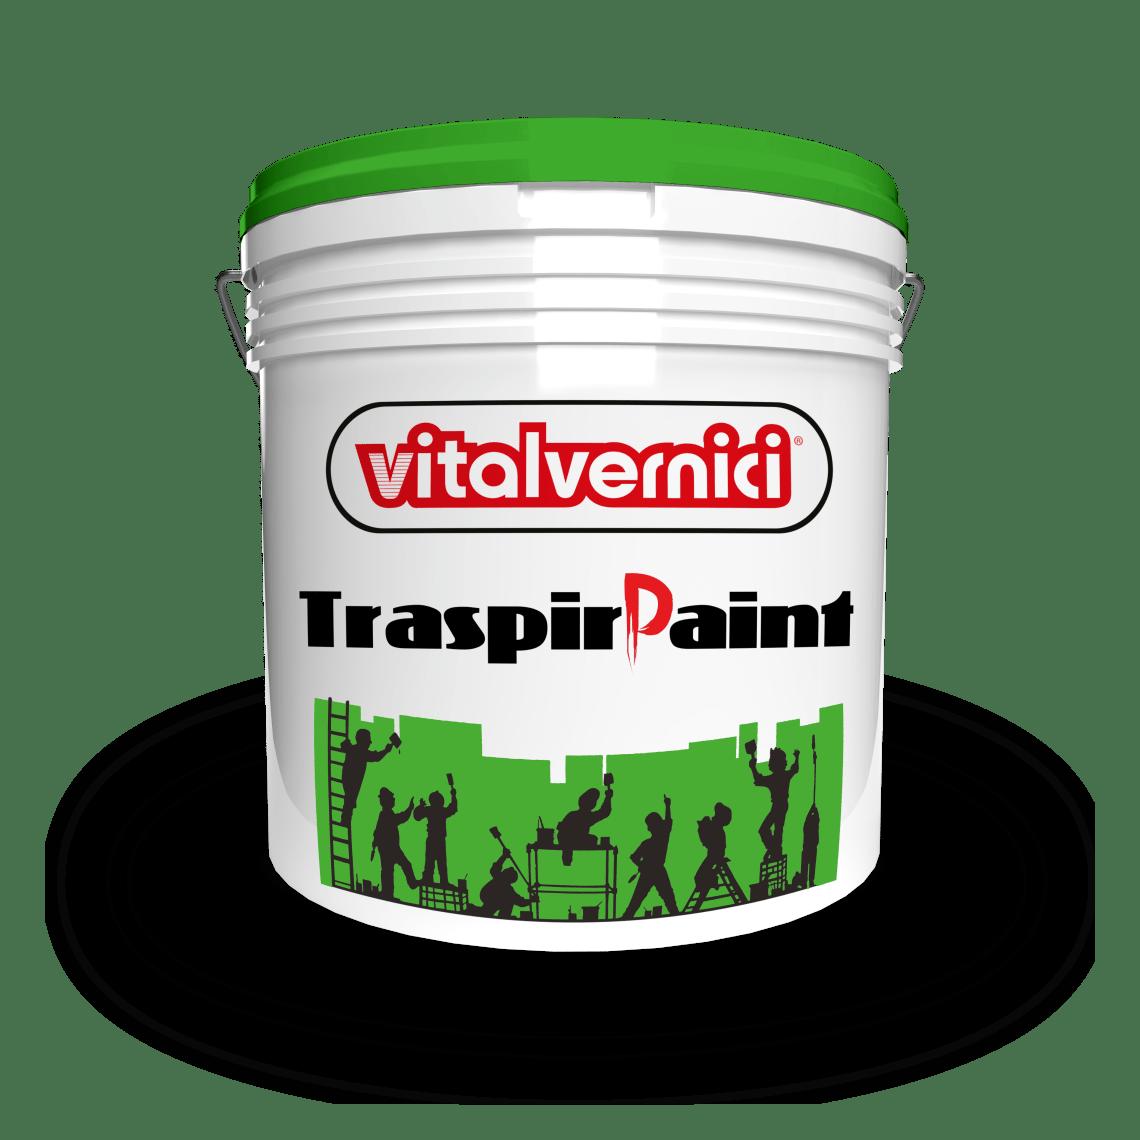 TRASPIRPAINT idropittura traspirante per interni ed esterni, lavabile ed idrorepellente, ad elevatissima copertura